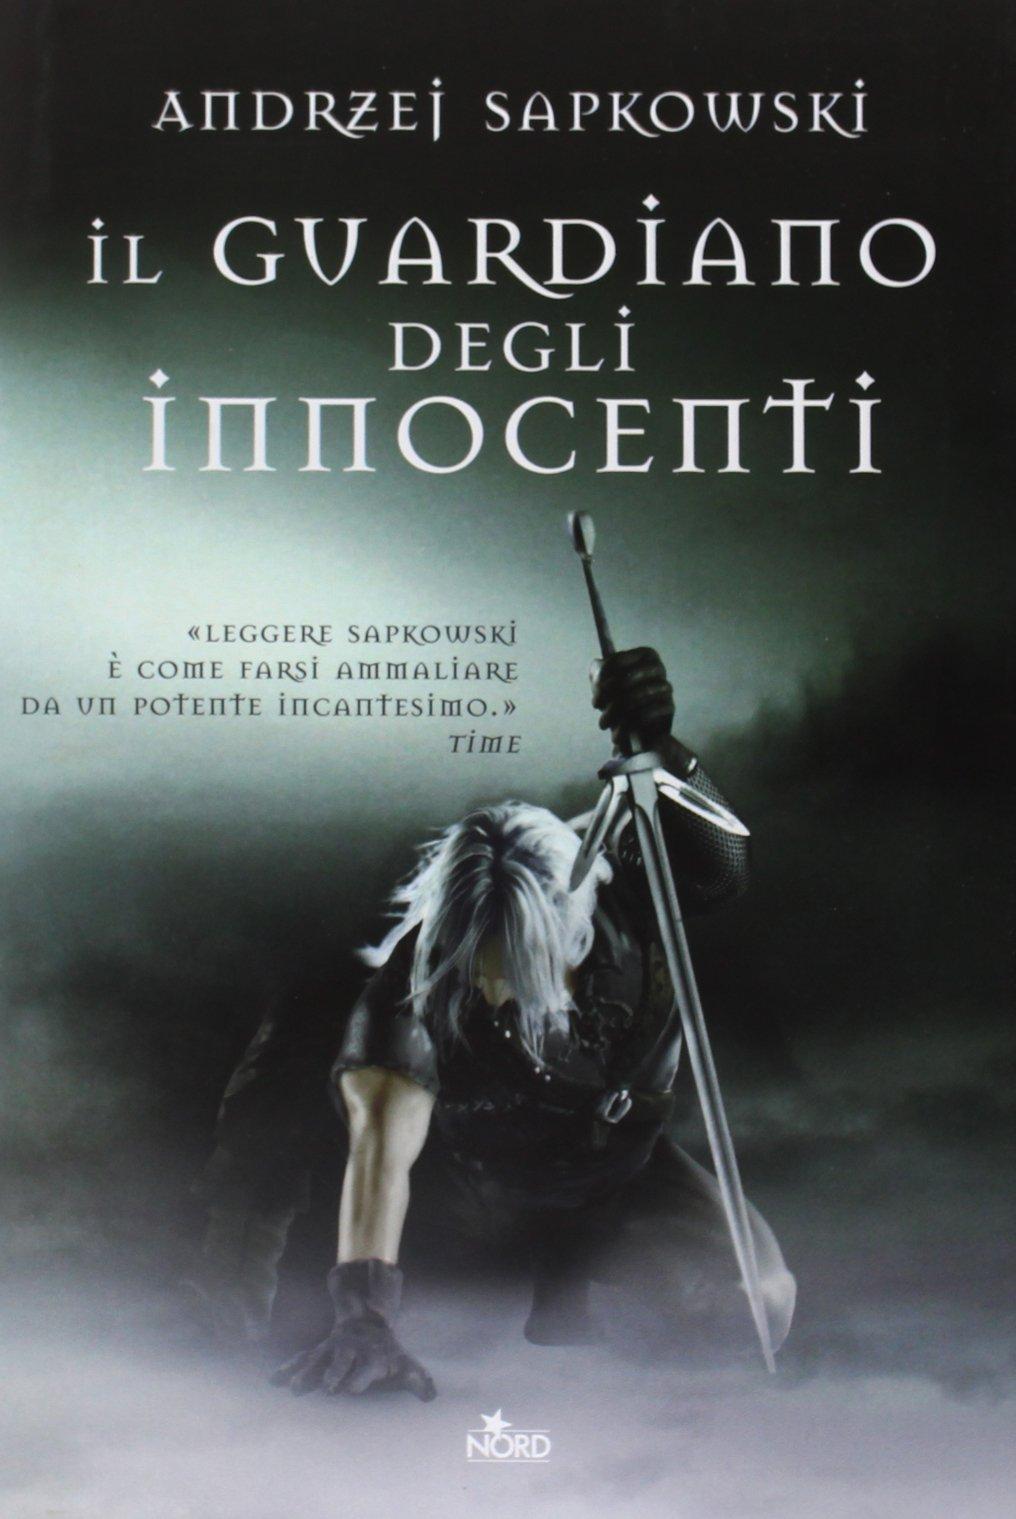 Andrzej Sapkowski - Il guardiano degli innocenti. The Witcher 1